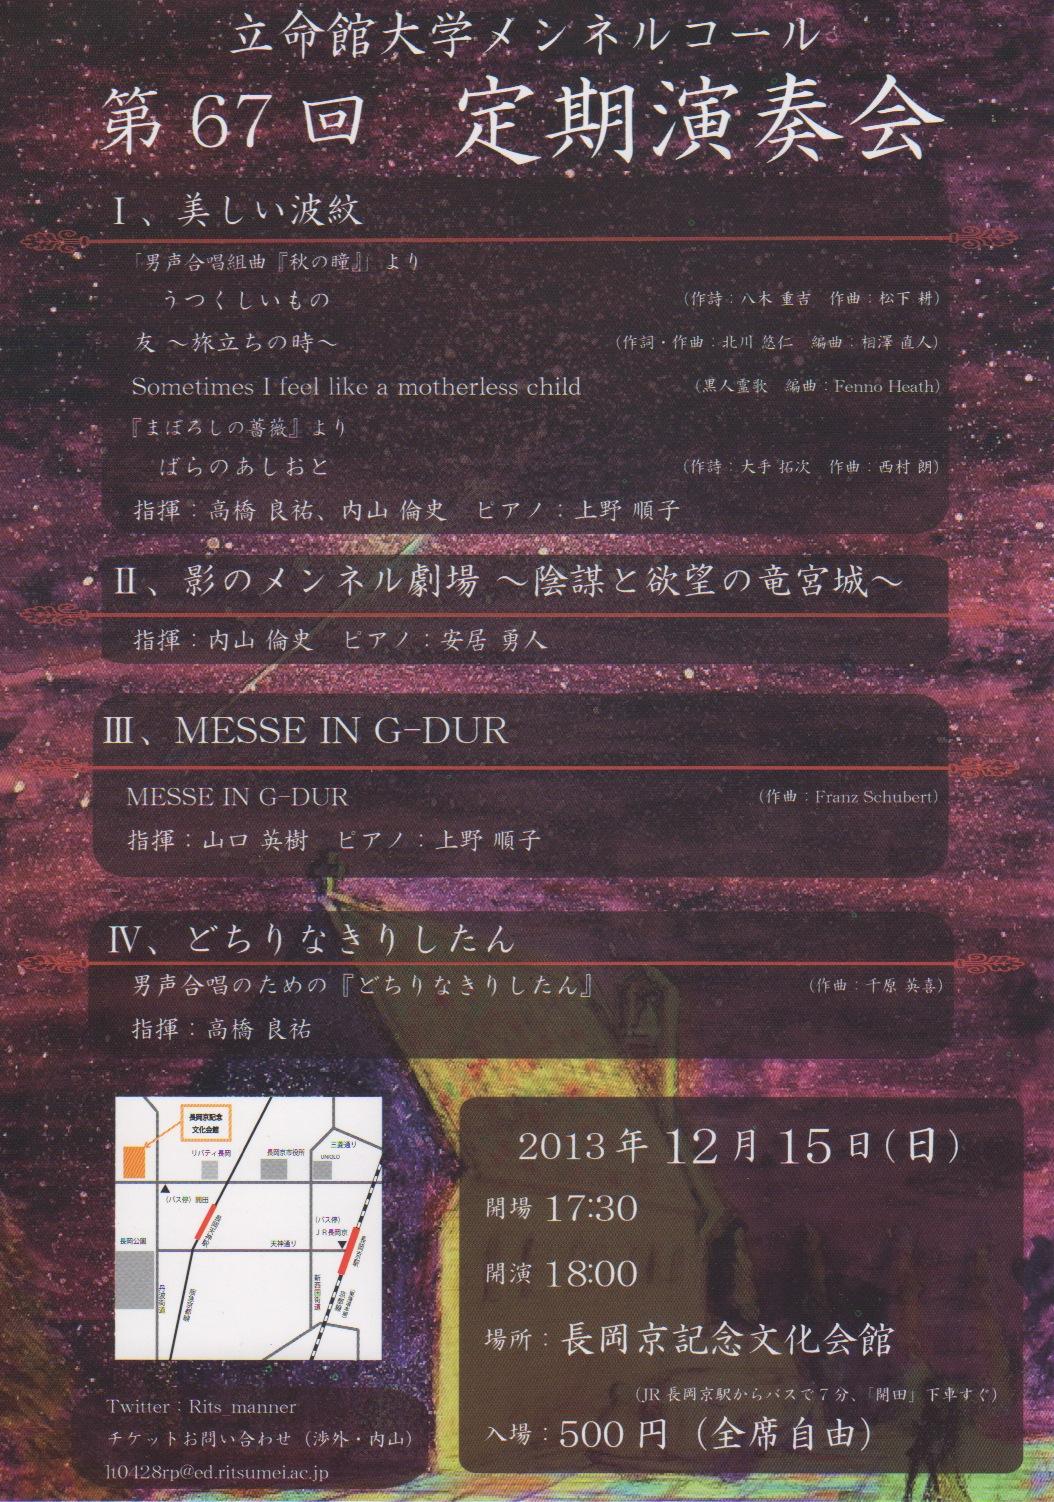 メンネルコール67回定期演奏会